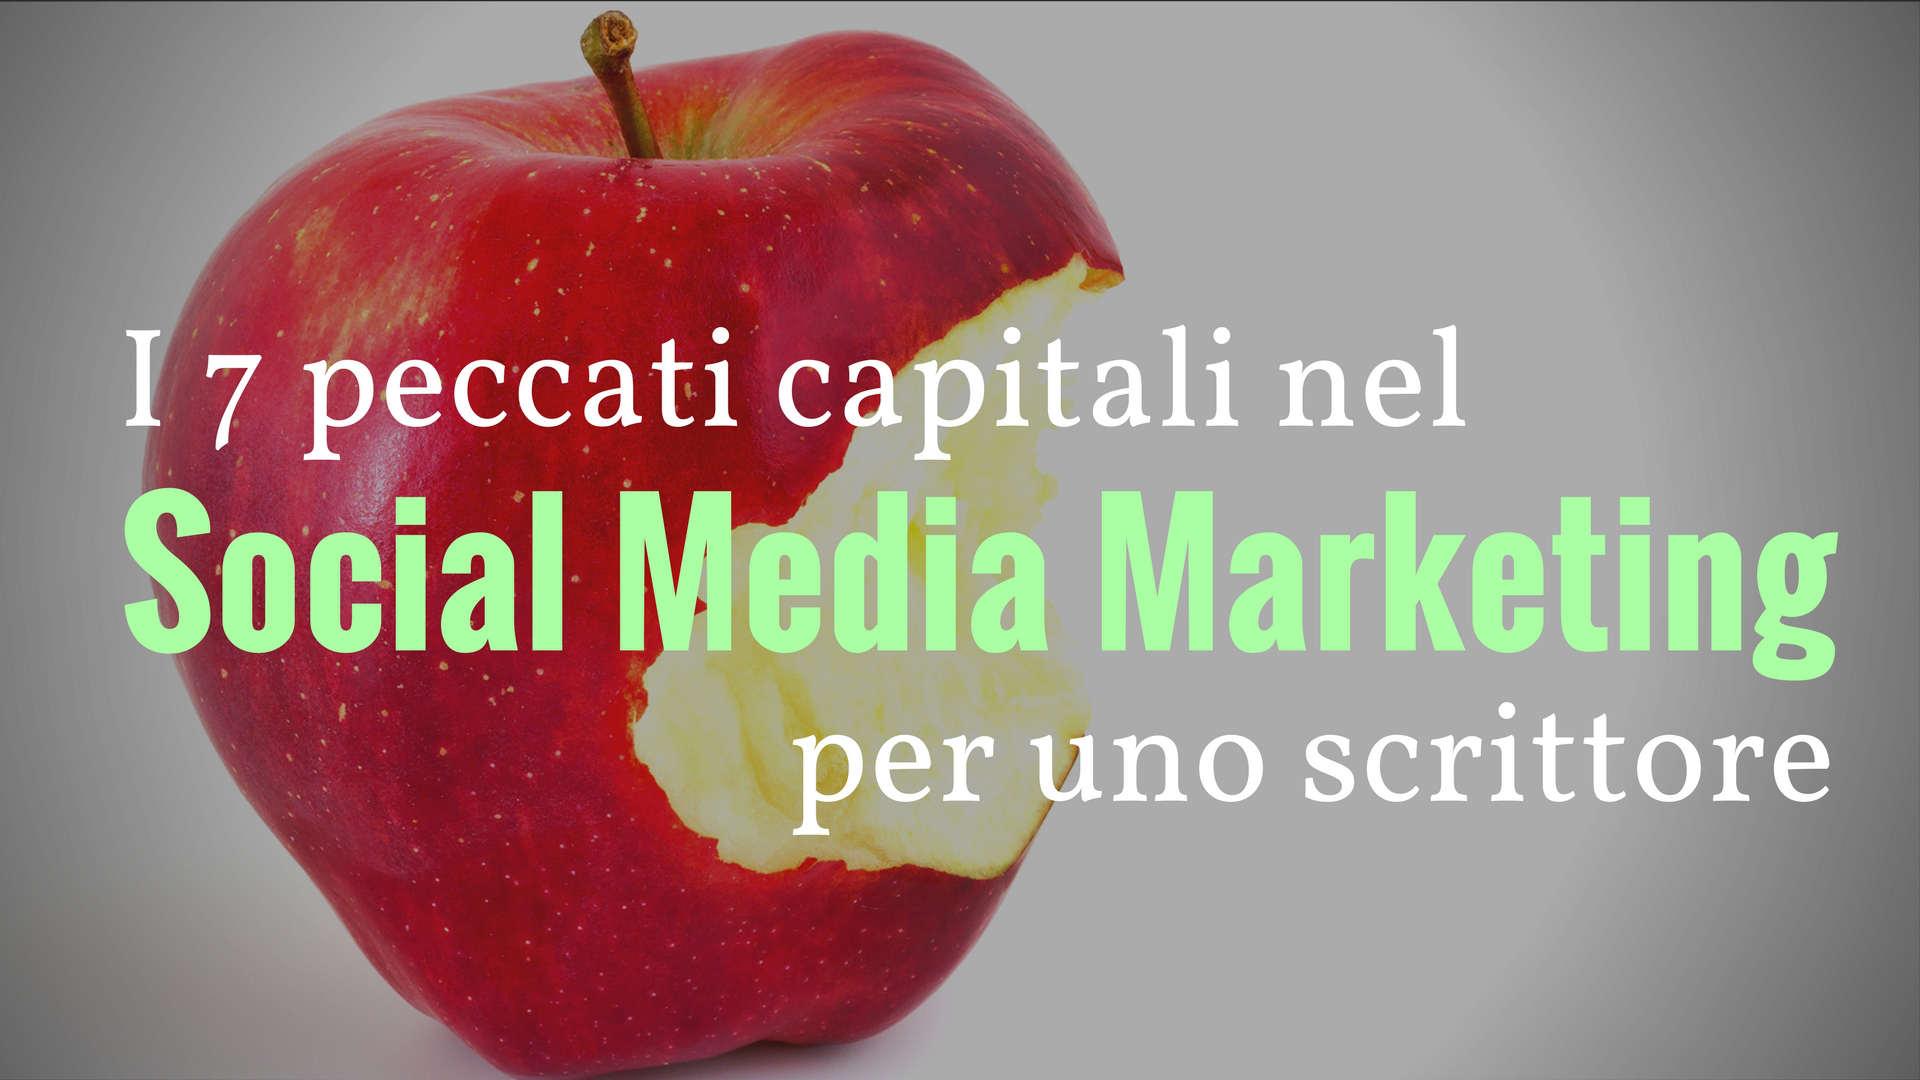 Social Media Marketing per uno scrittore